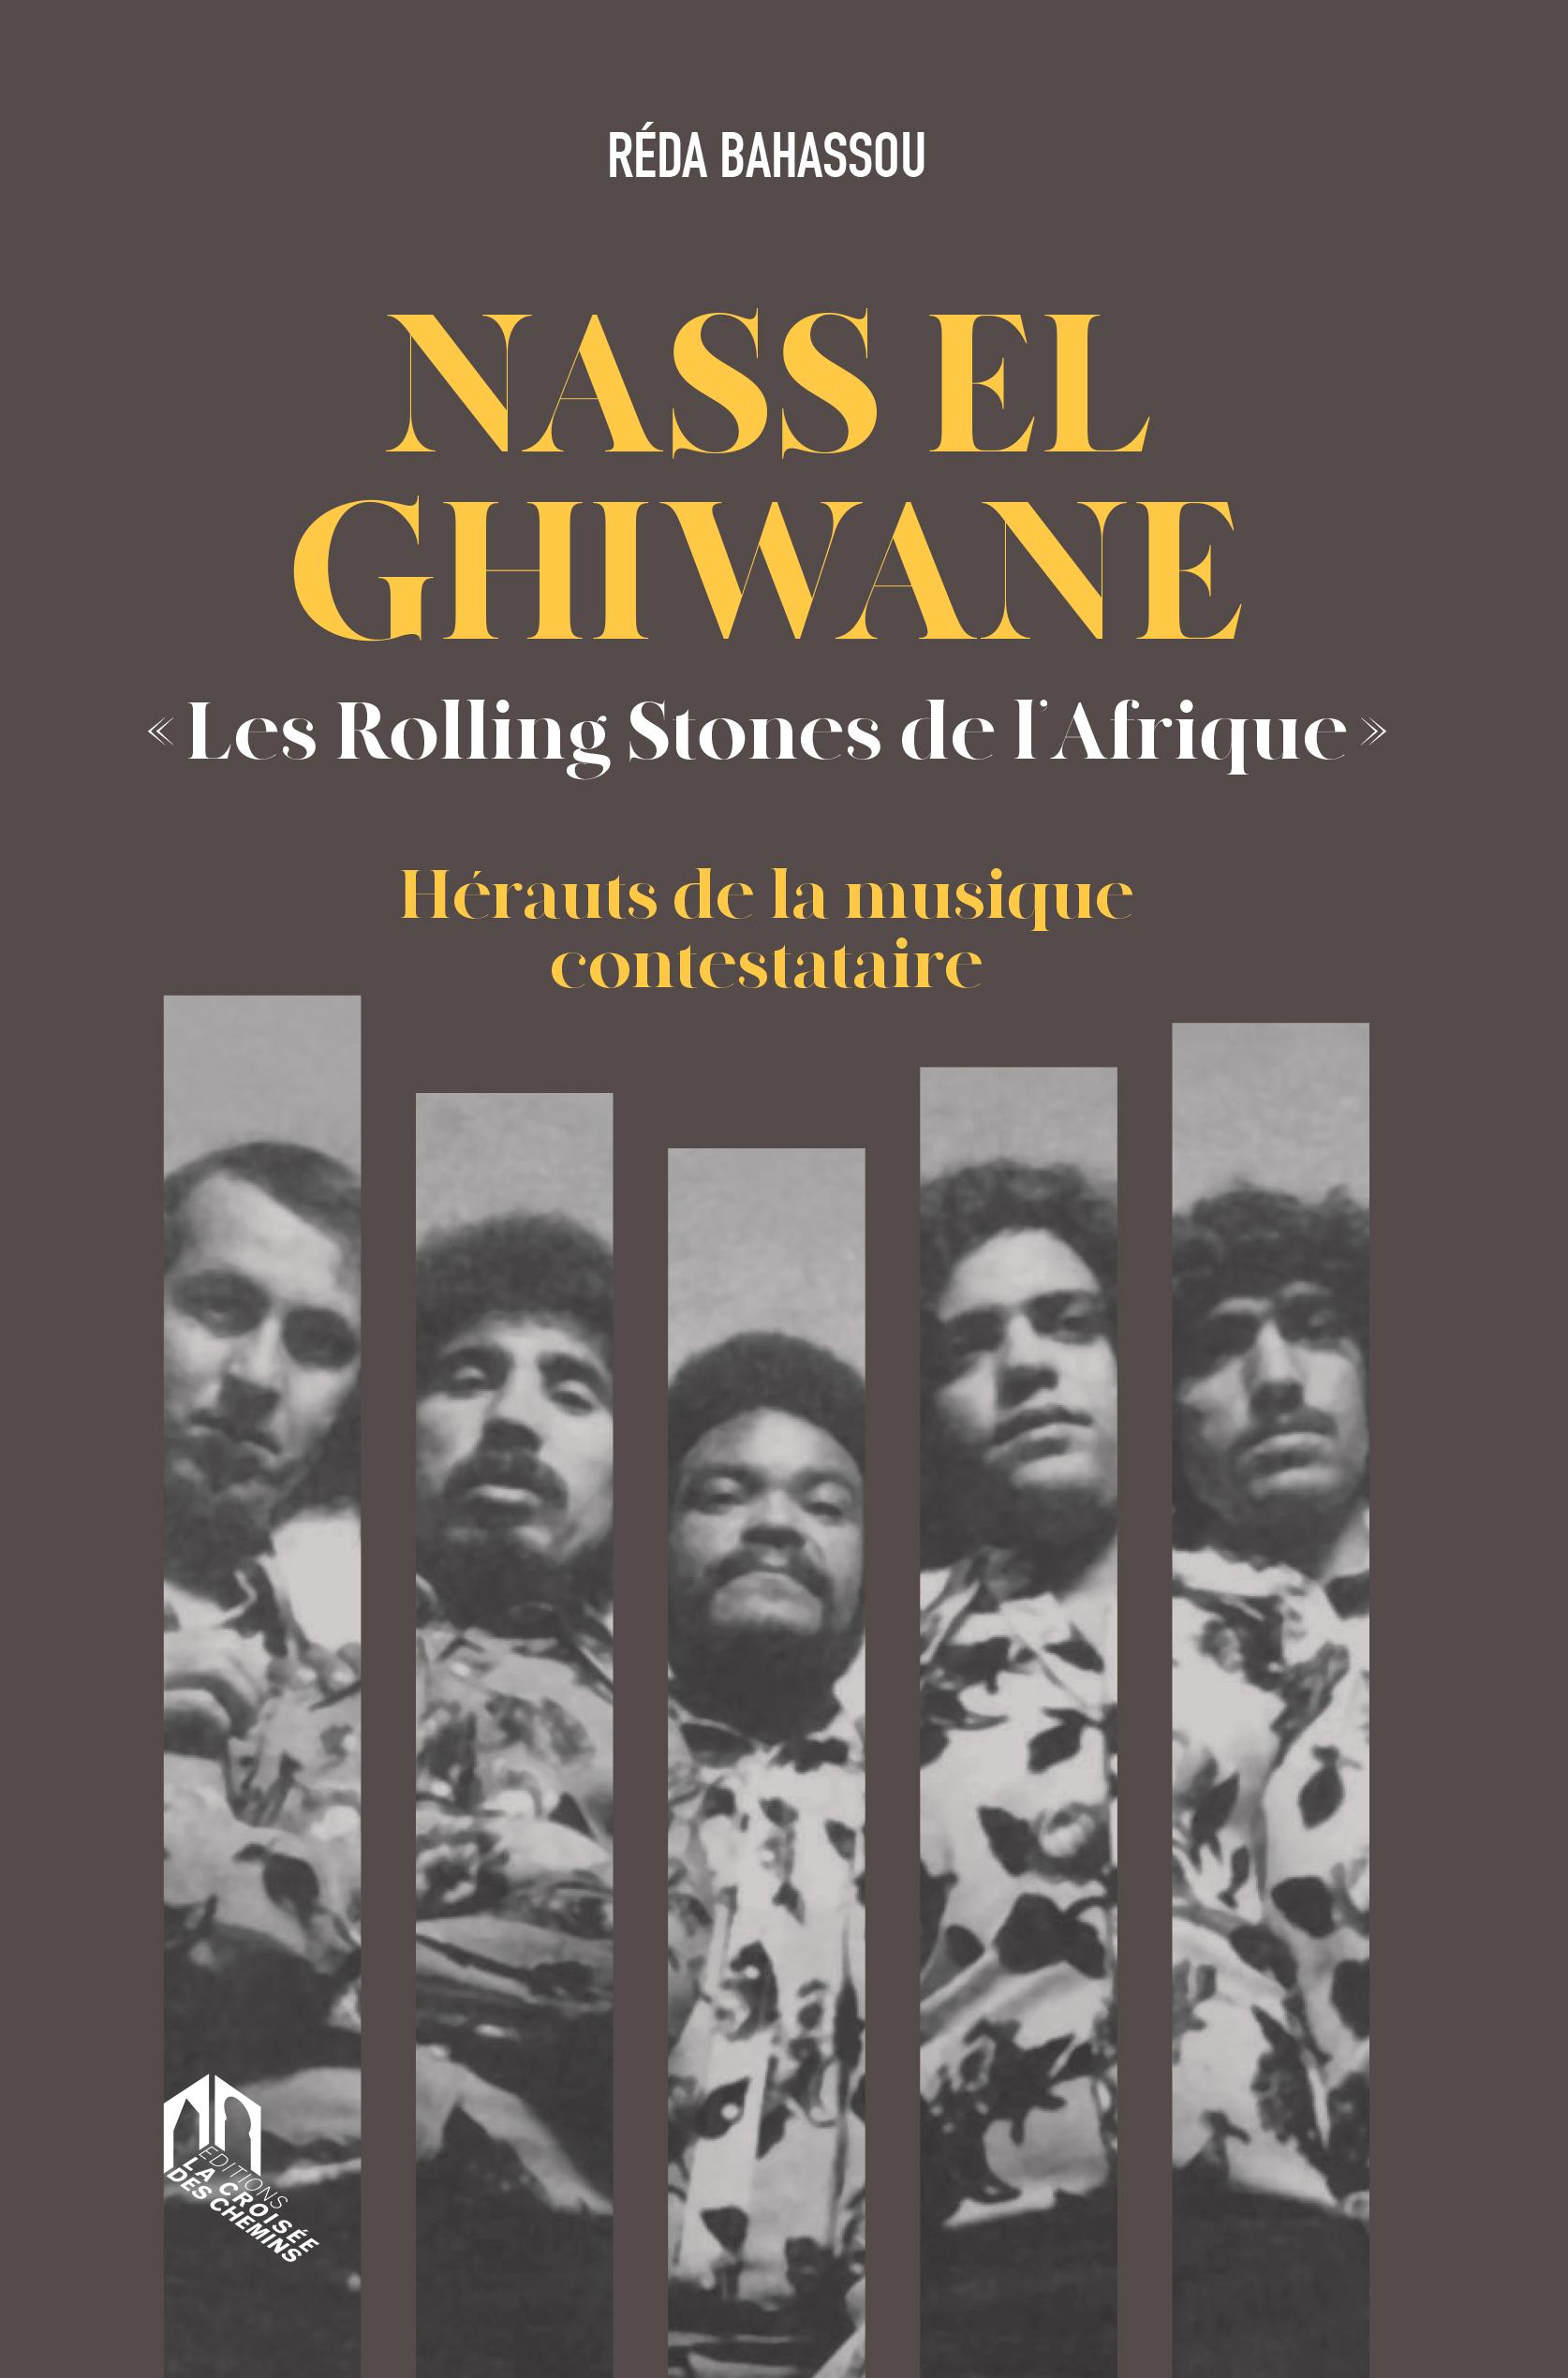 NASS EL GHIWANE LES ROLLING STONES DE L'AFRIQUE